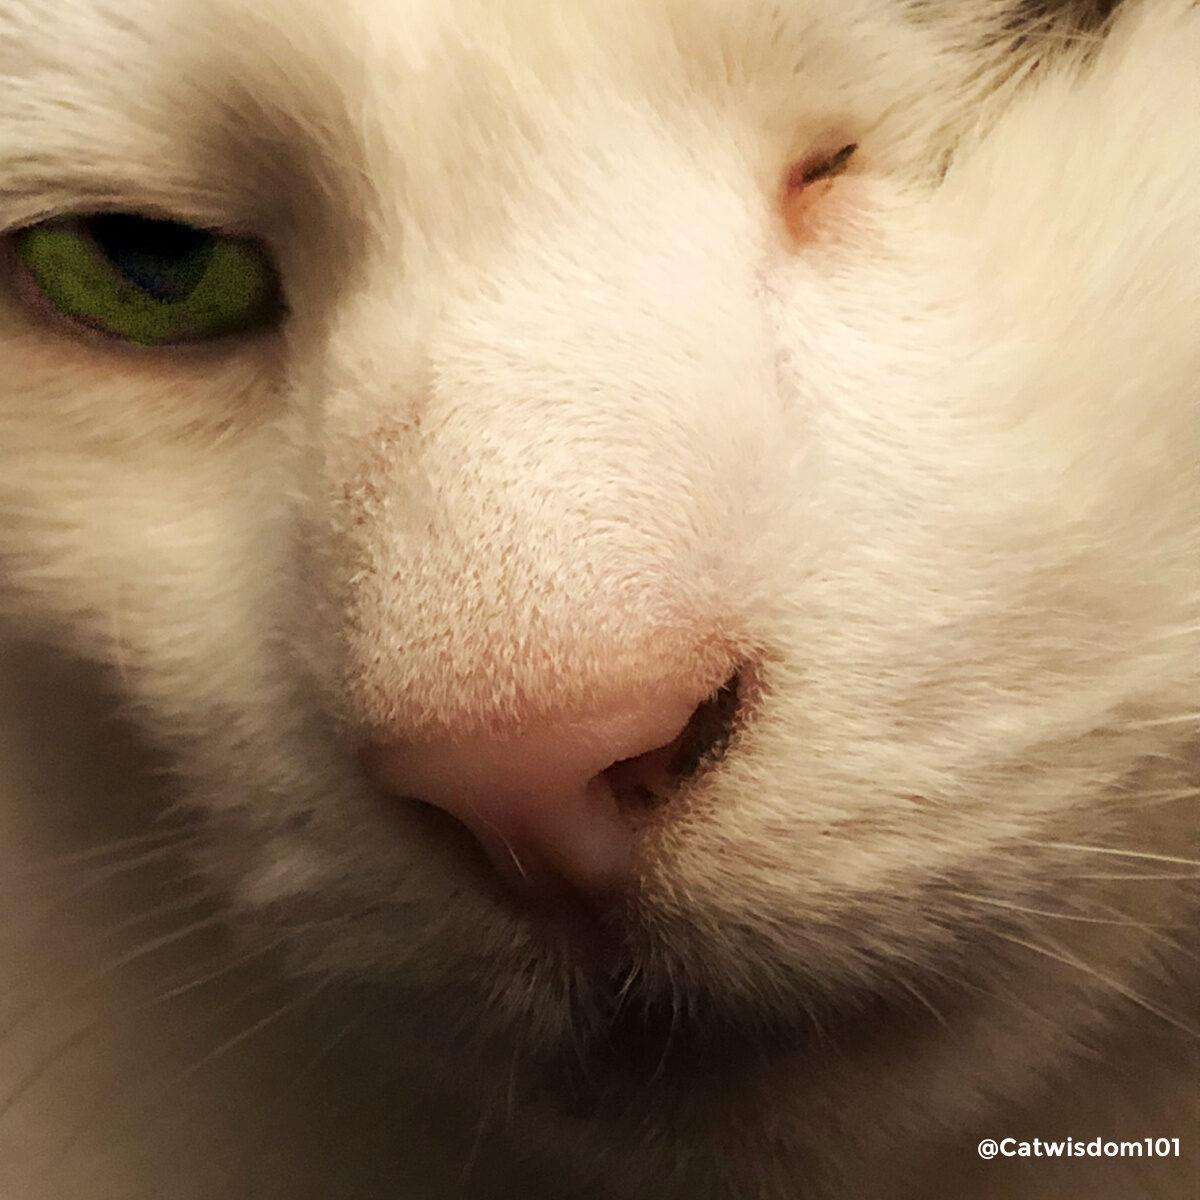 odin one-eyed cat